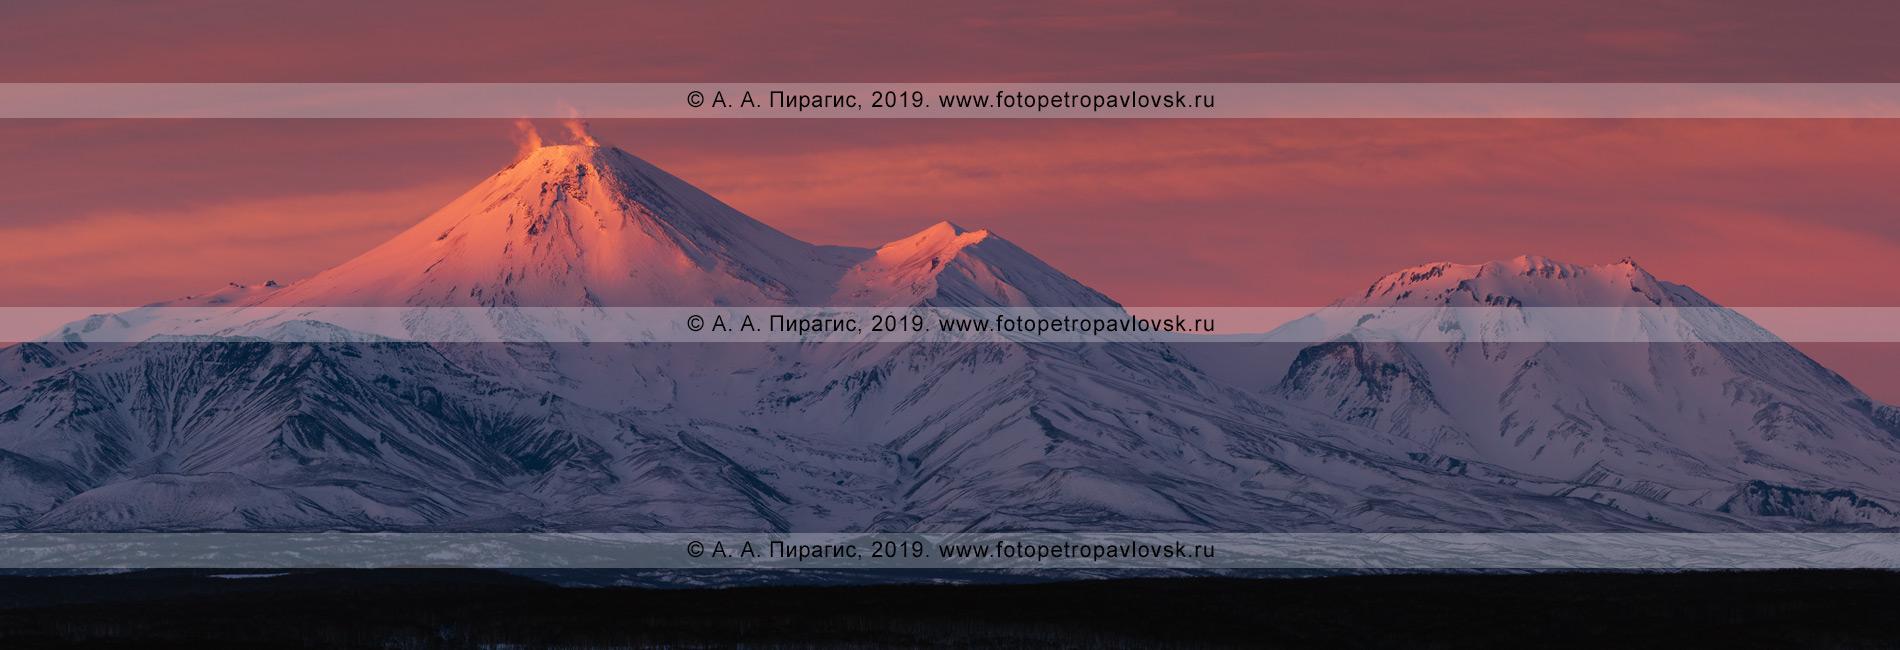 Панорамная фотография: Авачинский вулкан и Козельский вулкан на полуострове Камчатка, вечерний зимний вид на вулканы на закате солнца